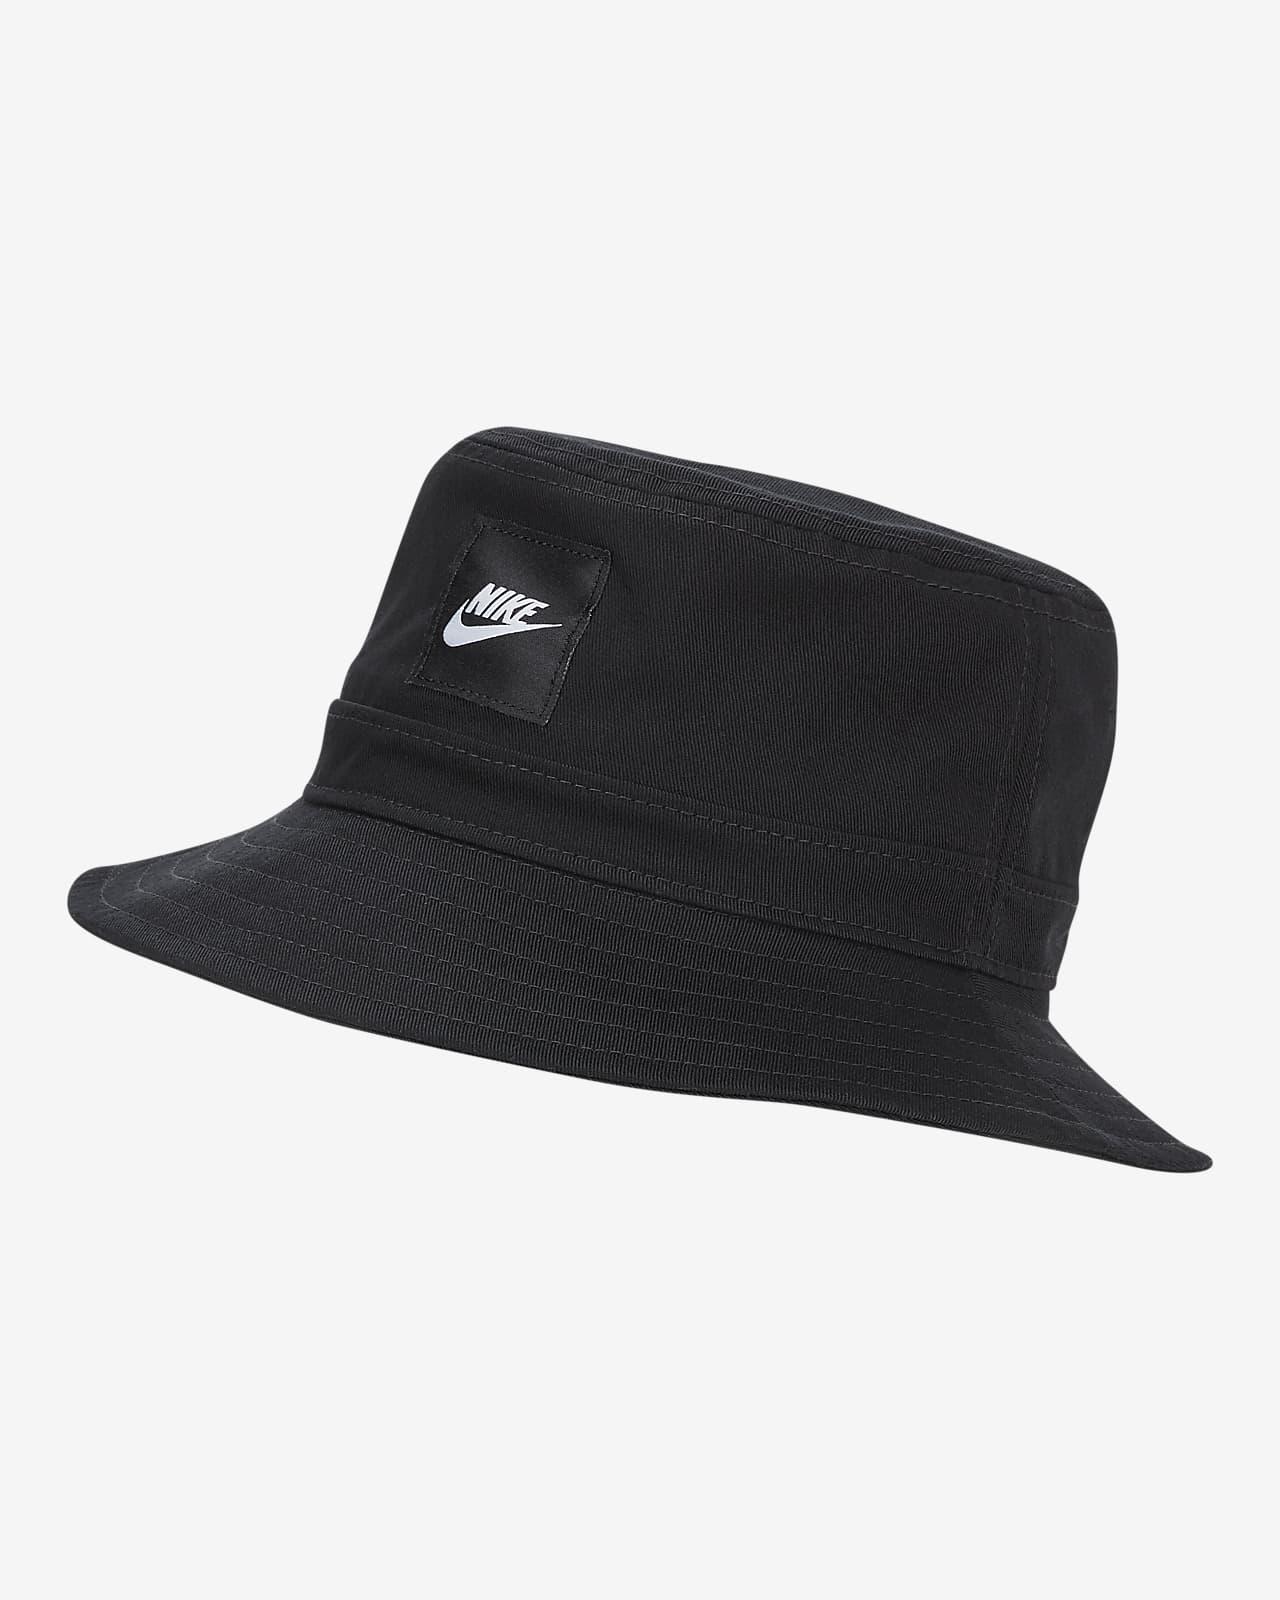 Nike Kids' Bucket Hat